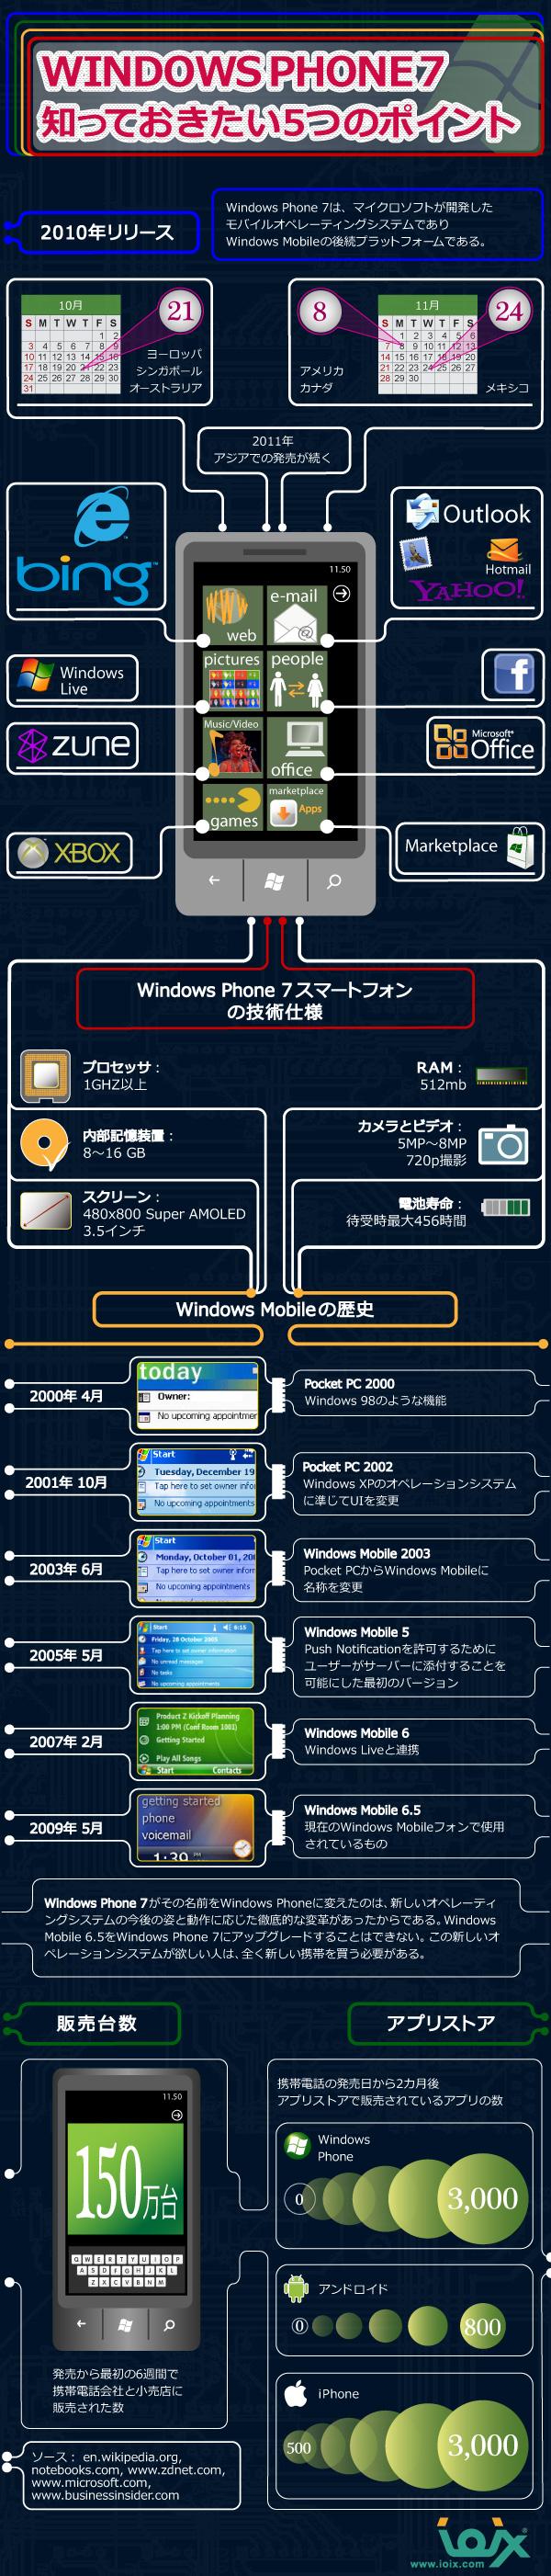 インフォグラフィックス:WindowsPhone7 知っておきたい5つのポイント